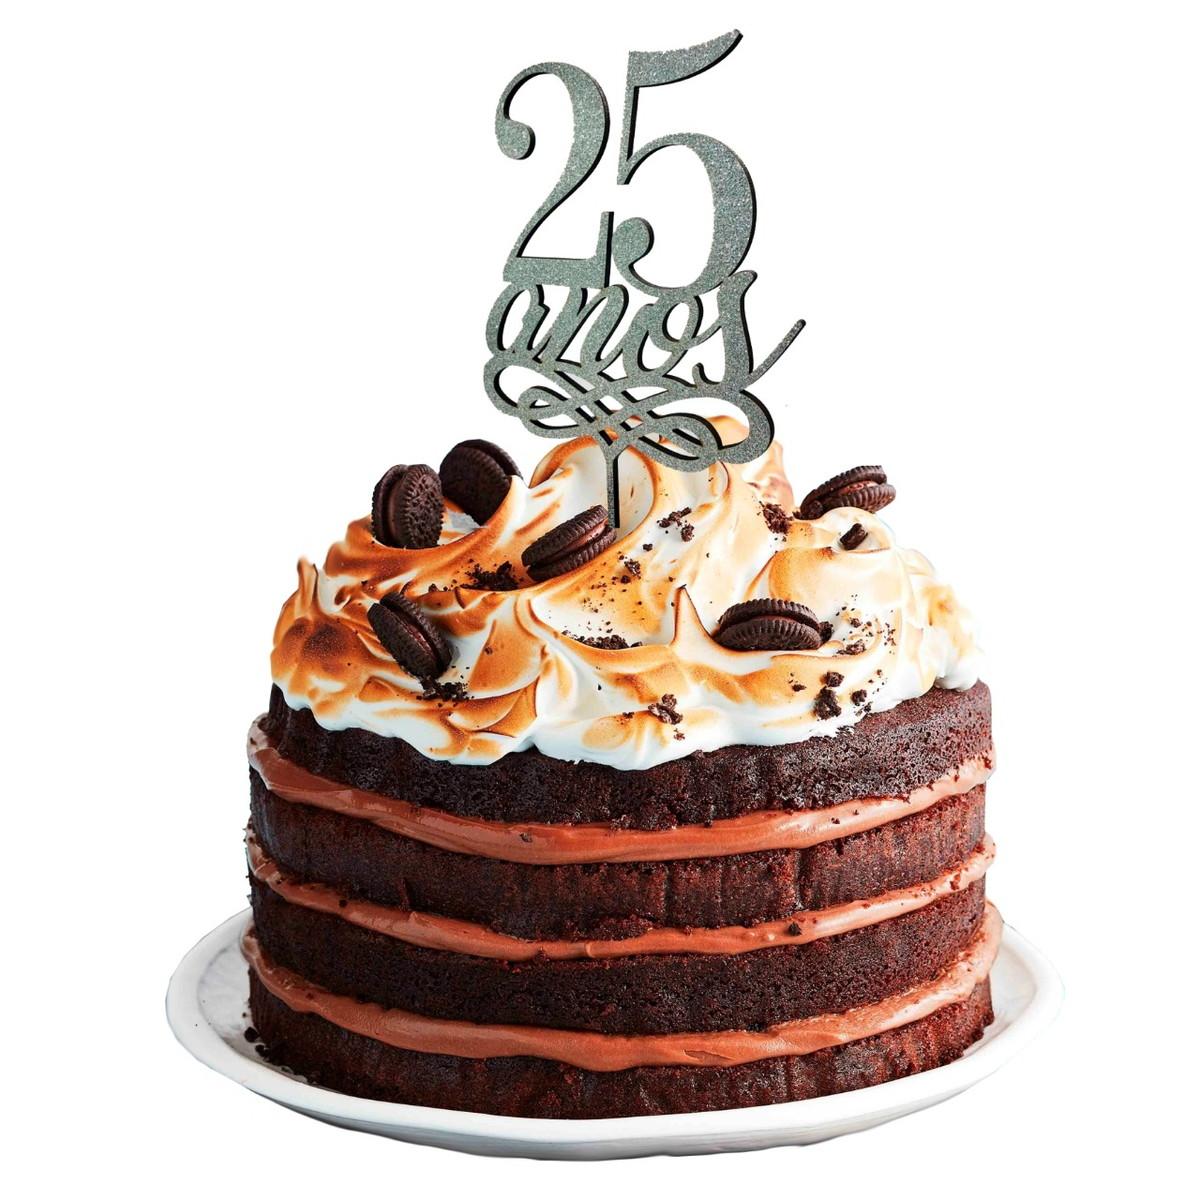 topo-de-bolo-decoracao-festa-aniversario-25-anos-bodas-topo-para-bolo